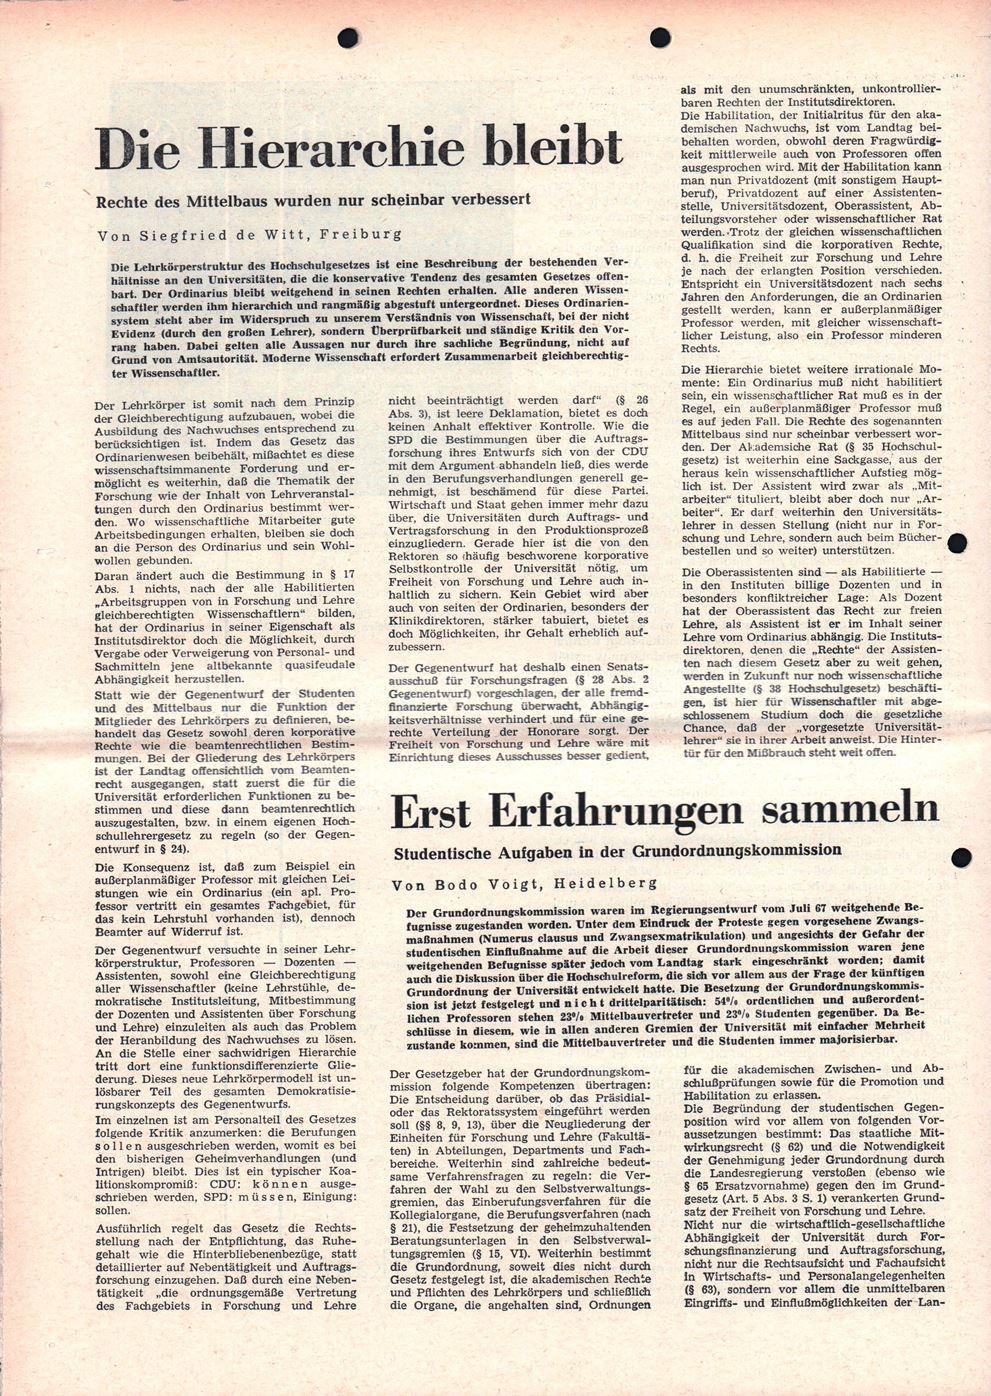 Heidelberg_1968_522